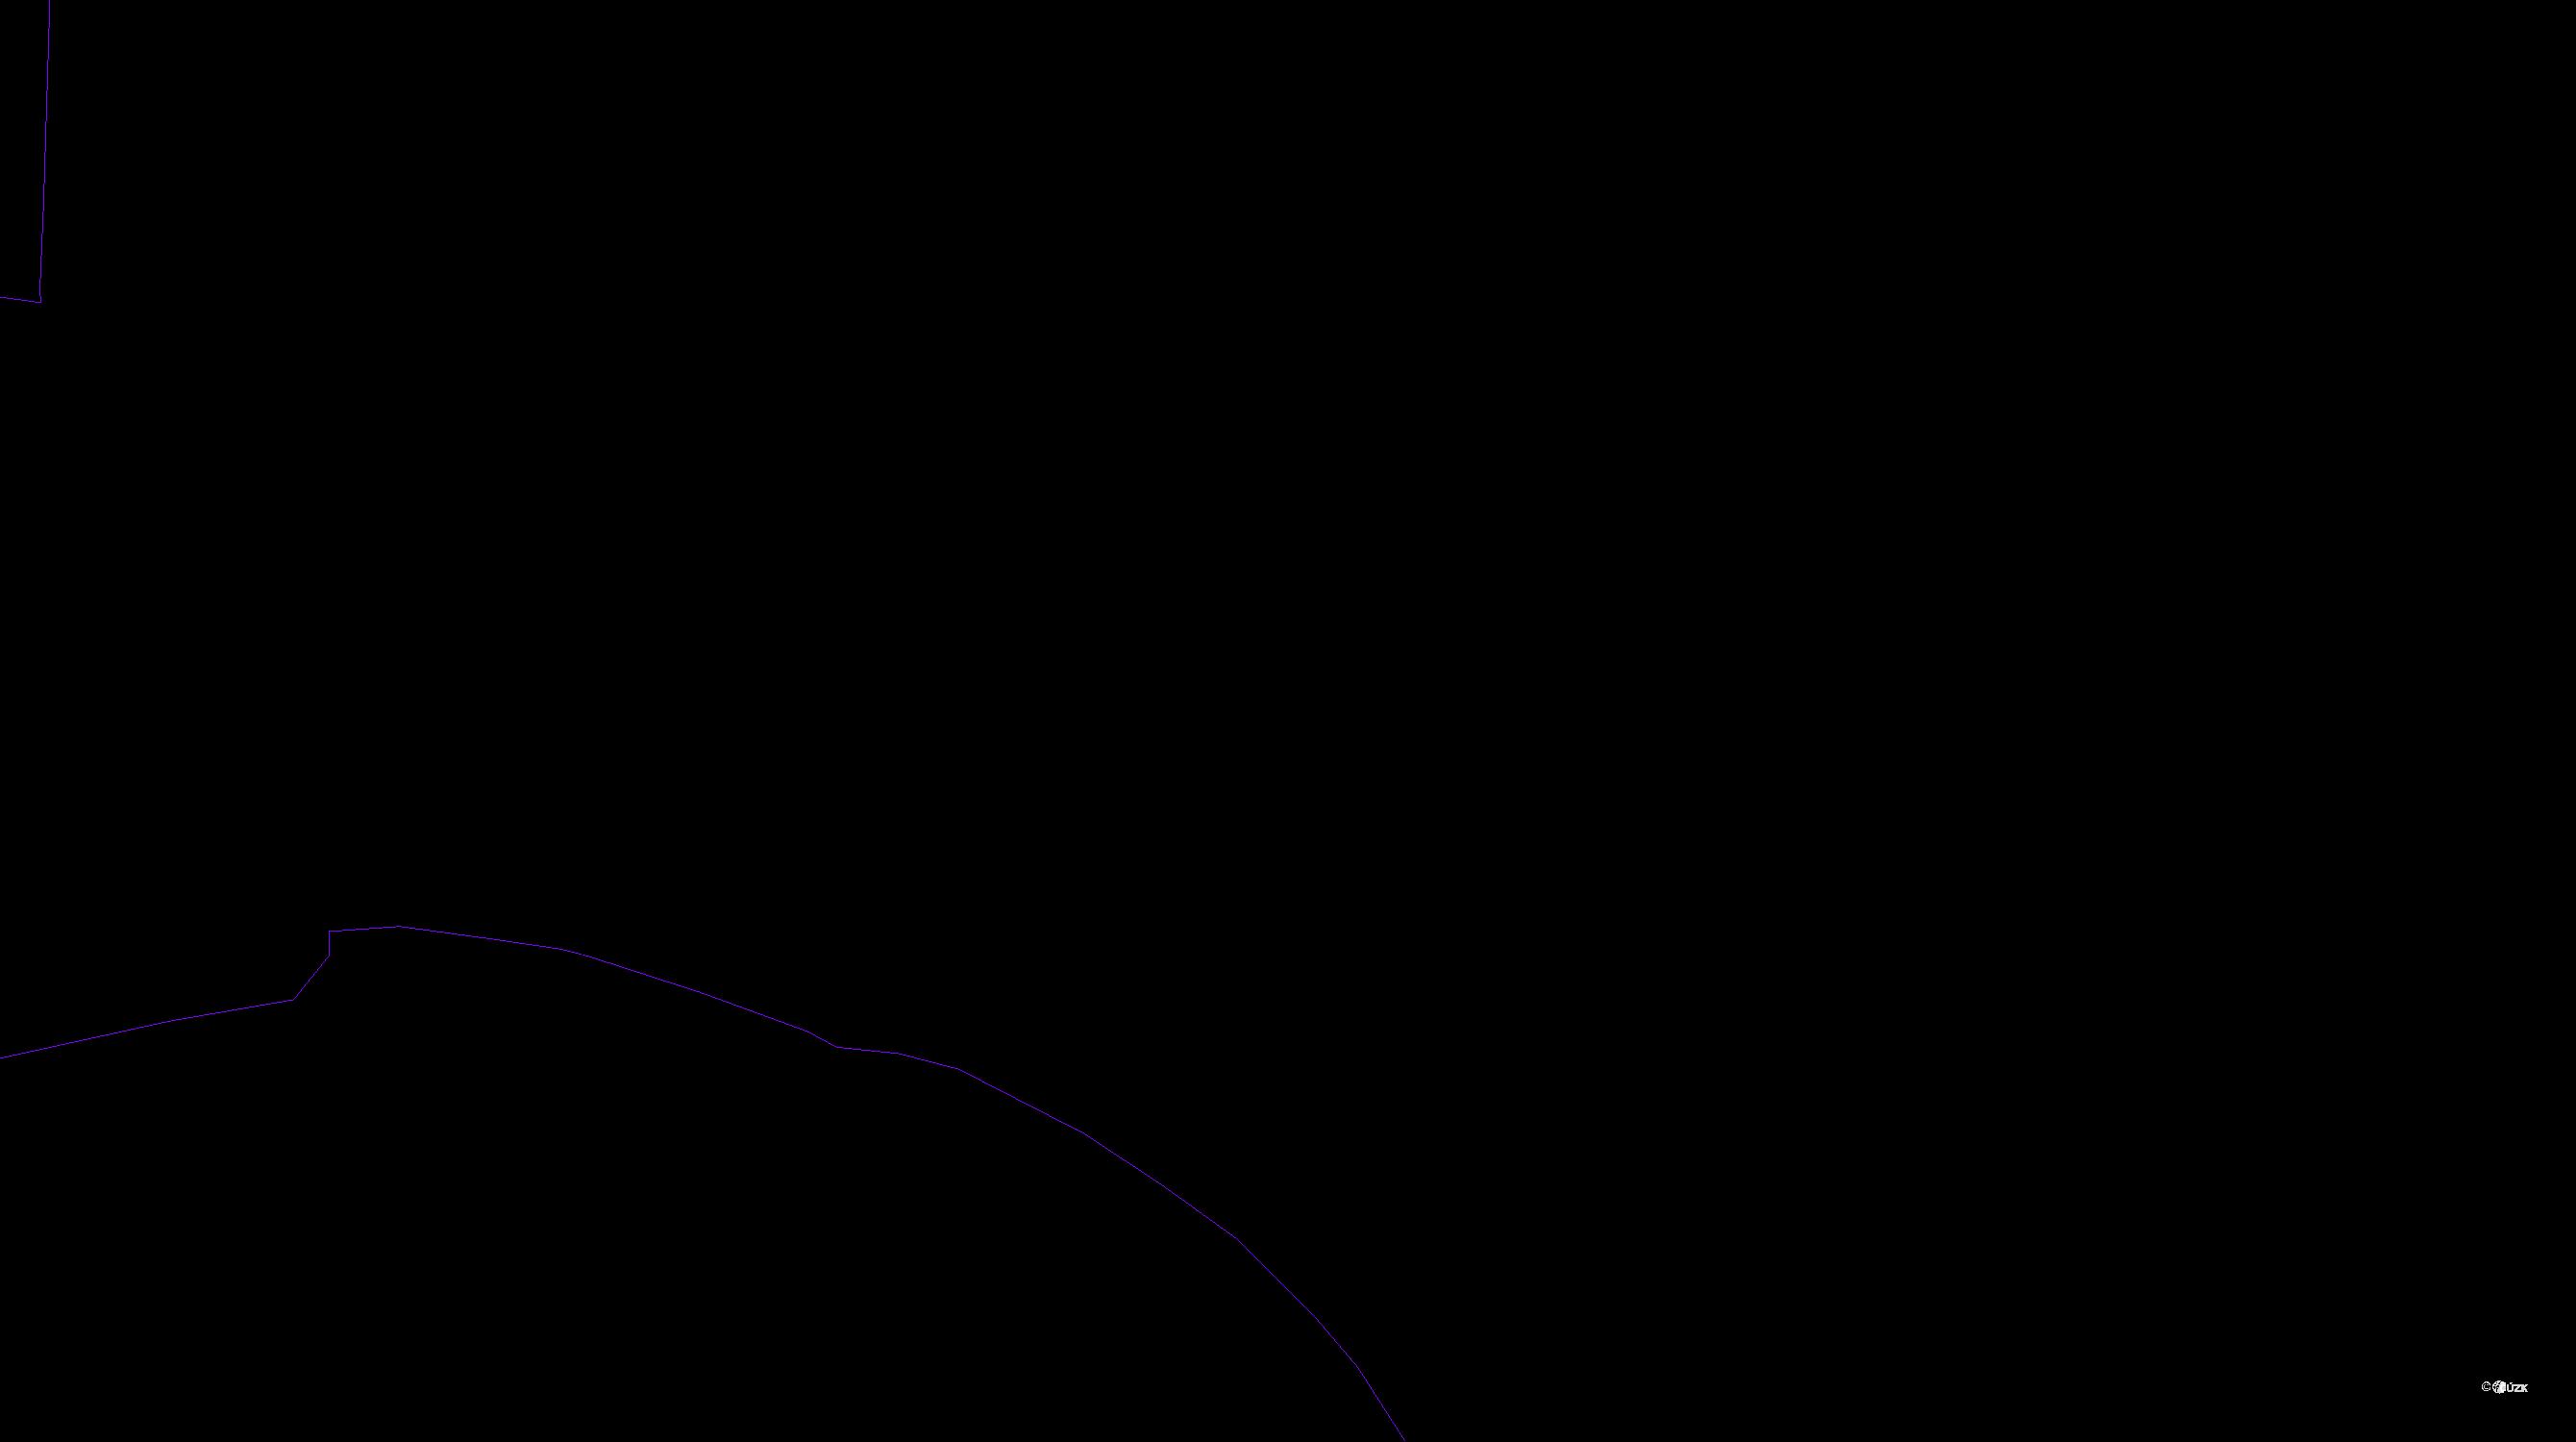 Katastrální mapa pozemků a čísla parcel Sedlec u Karlových Var